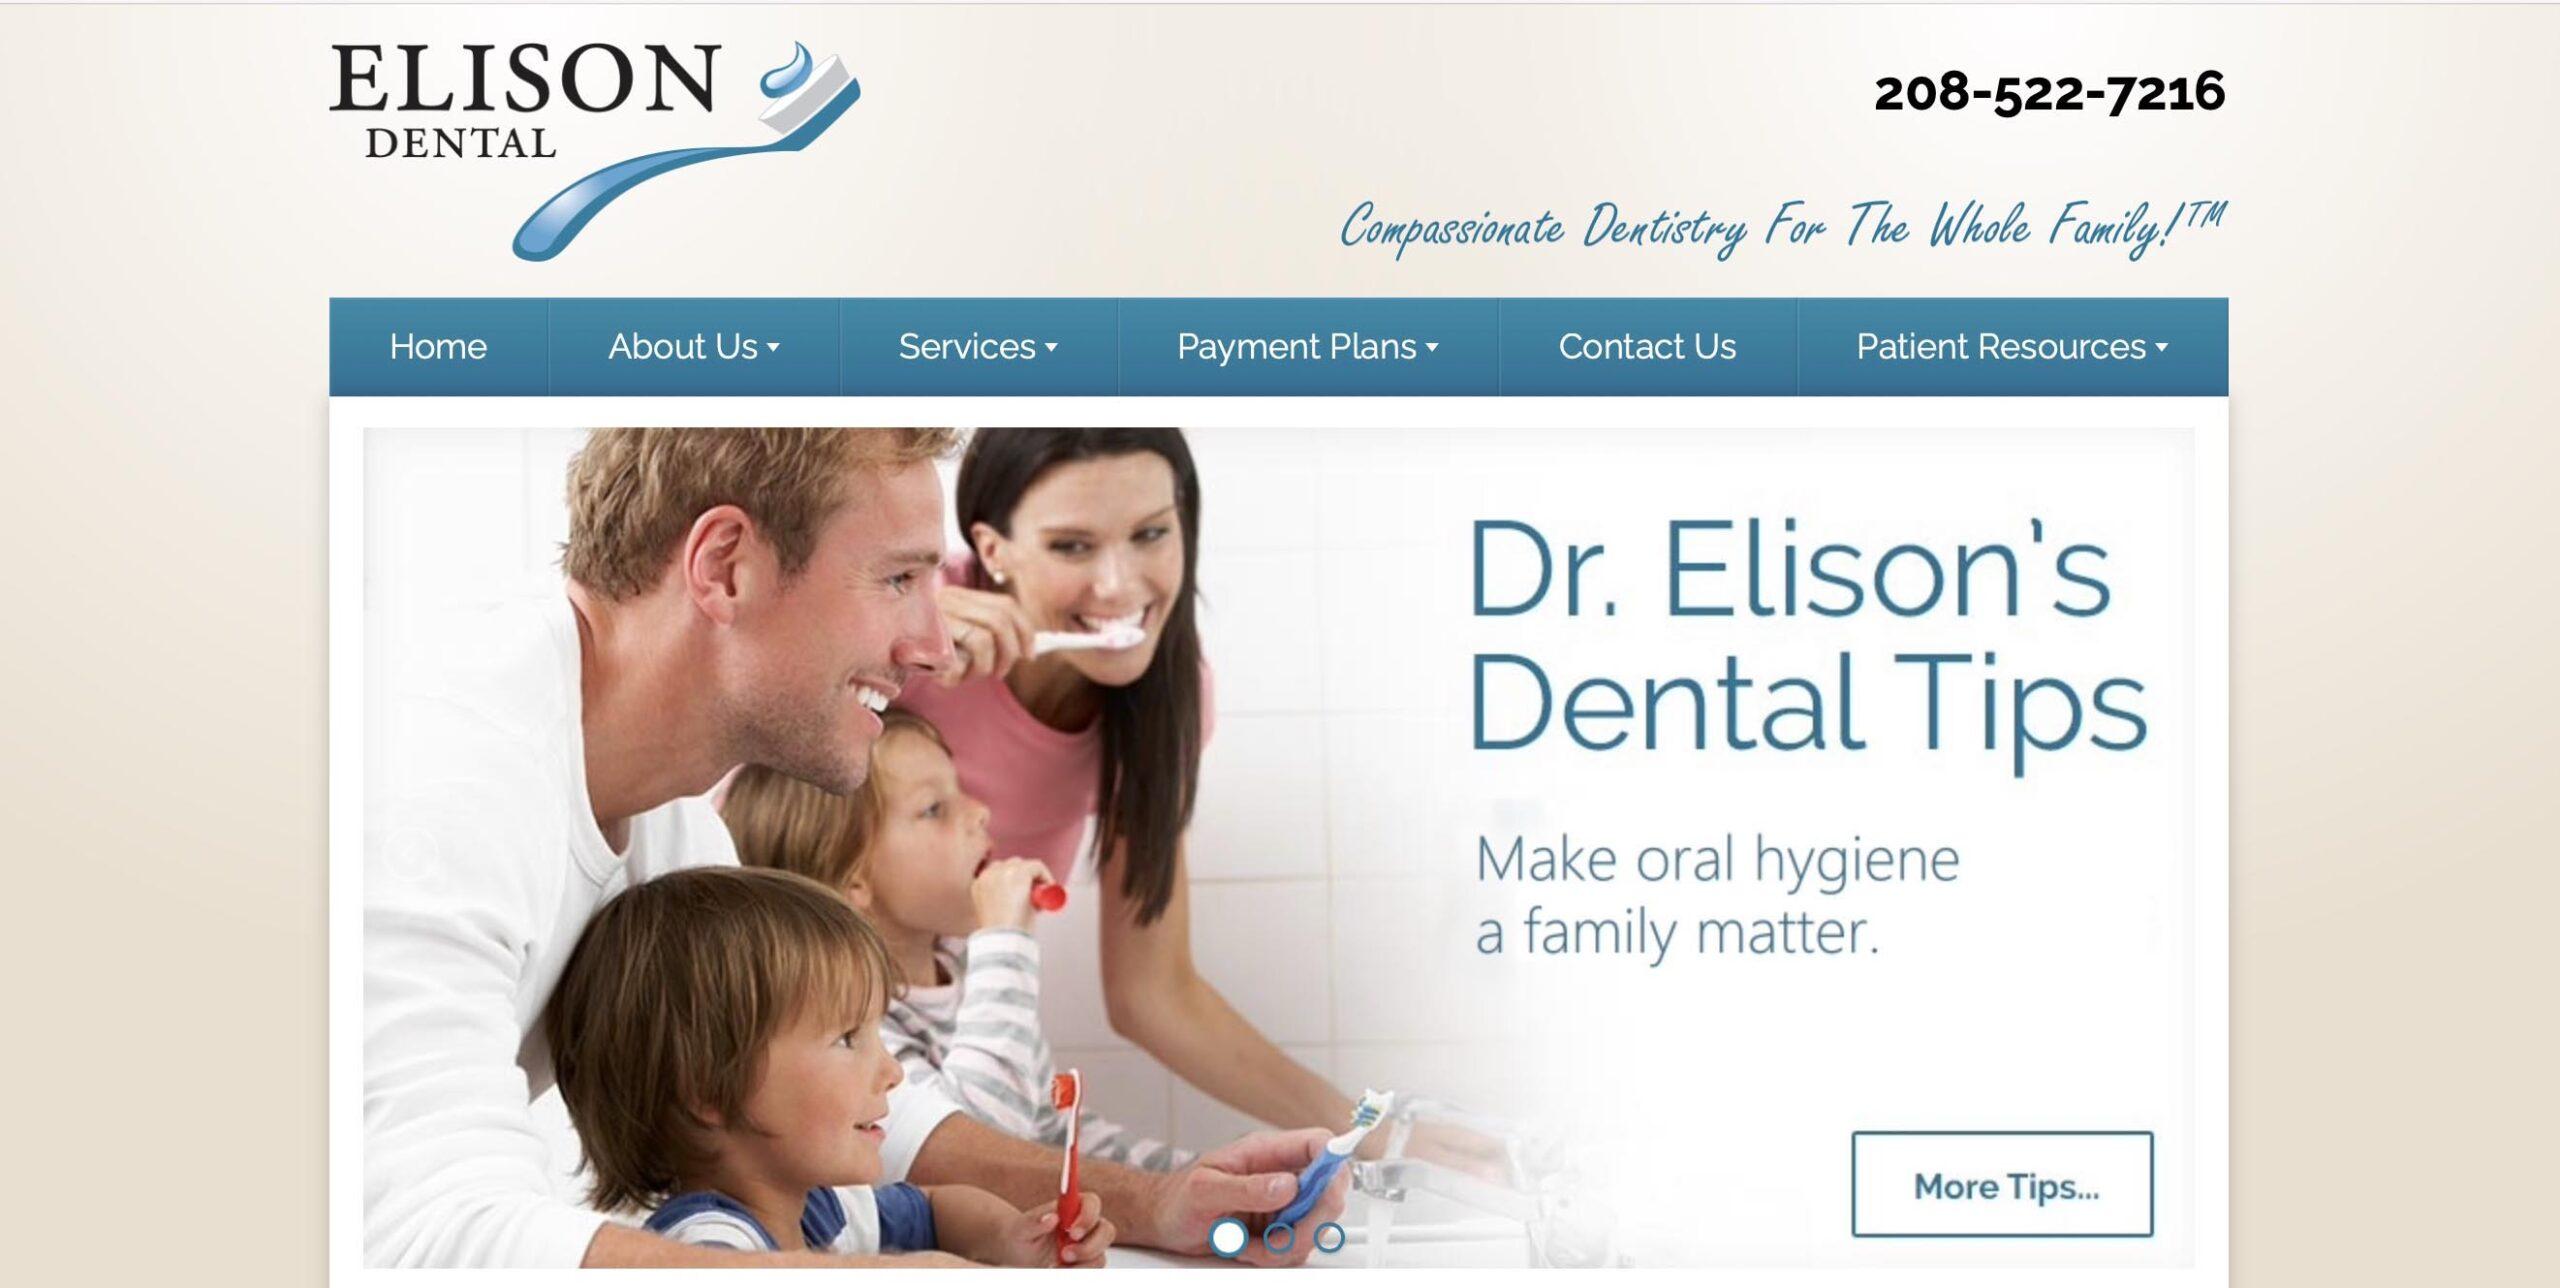 Marketing consultant - website developer project for Elison Dental Center